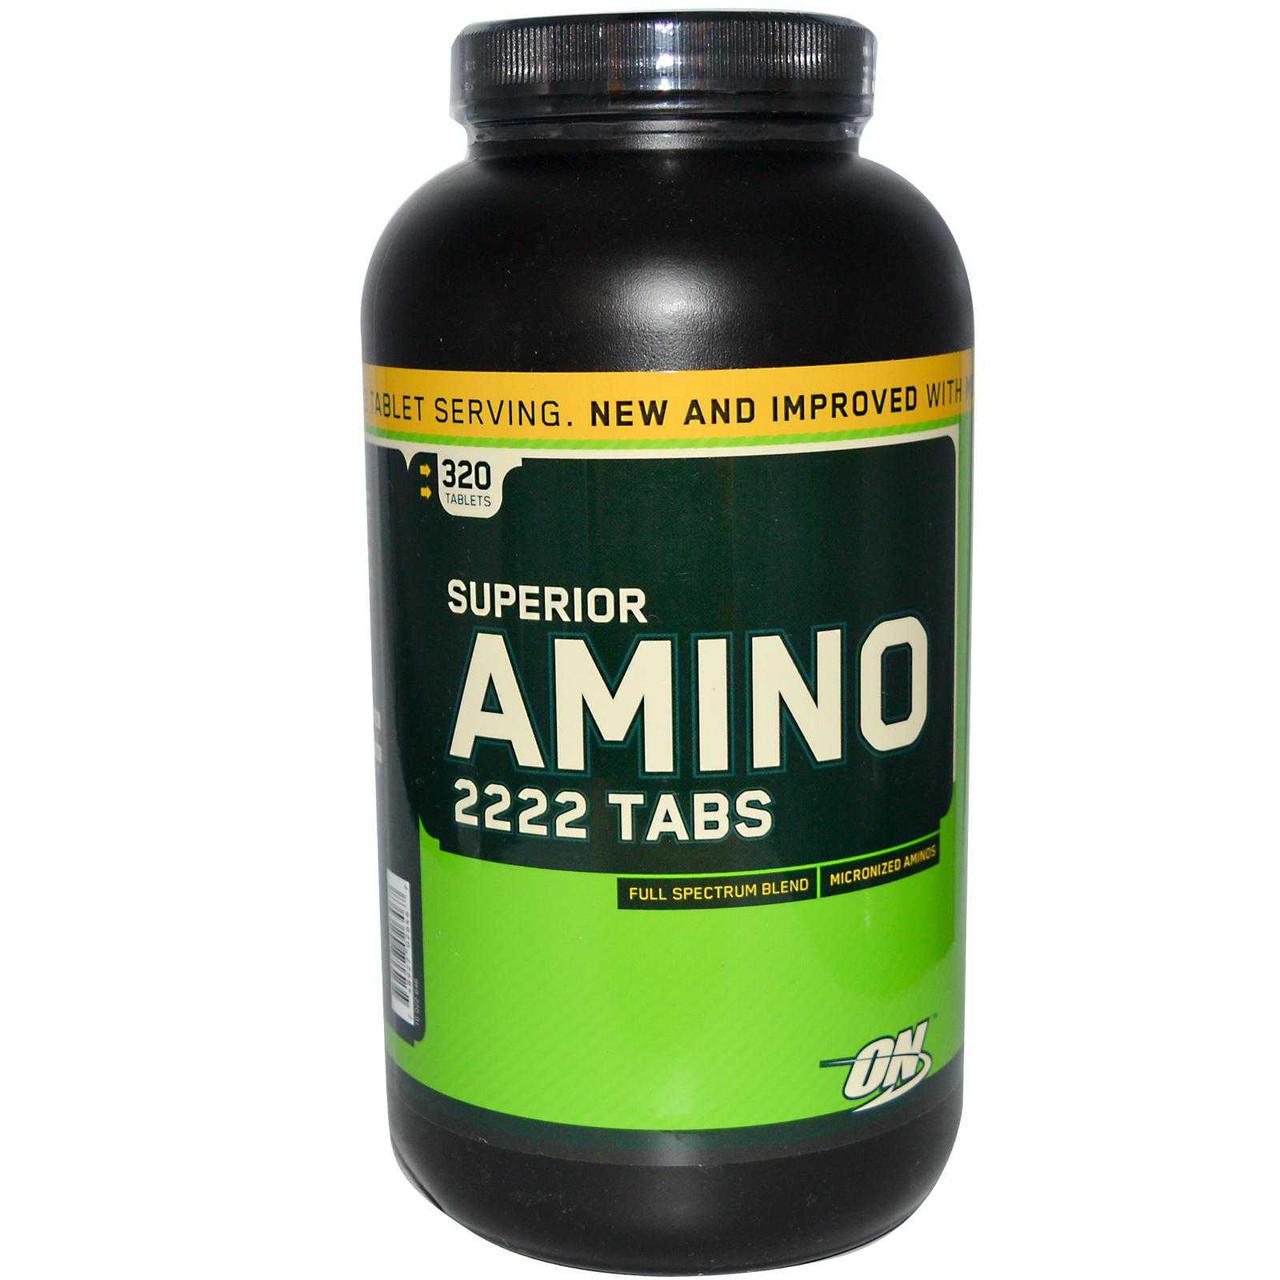 Аминокислоты OPTIMUM NUTRTION SUPER AMINO 2222,  320 TAB.